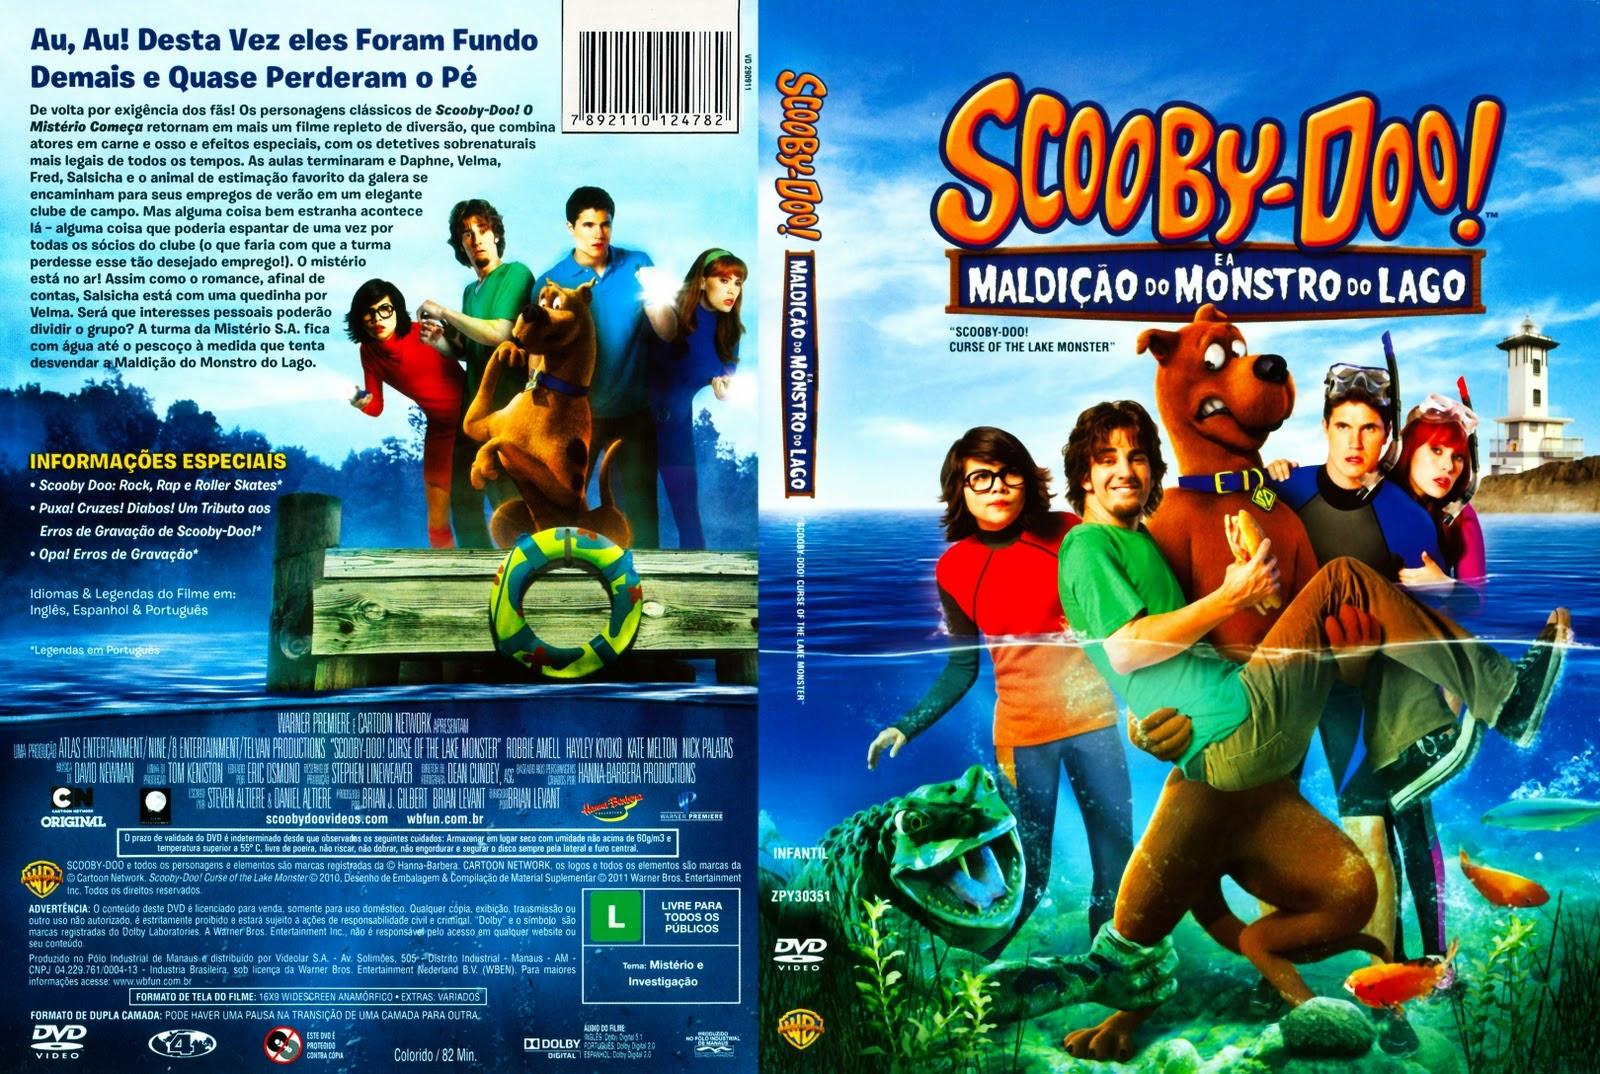 Scooby-Doo  A Maldição do Monstro do Lago